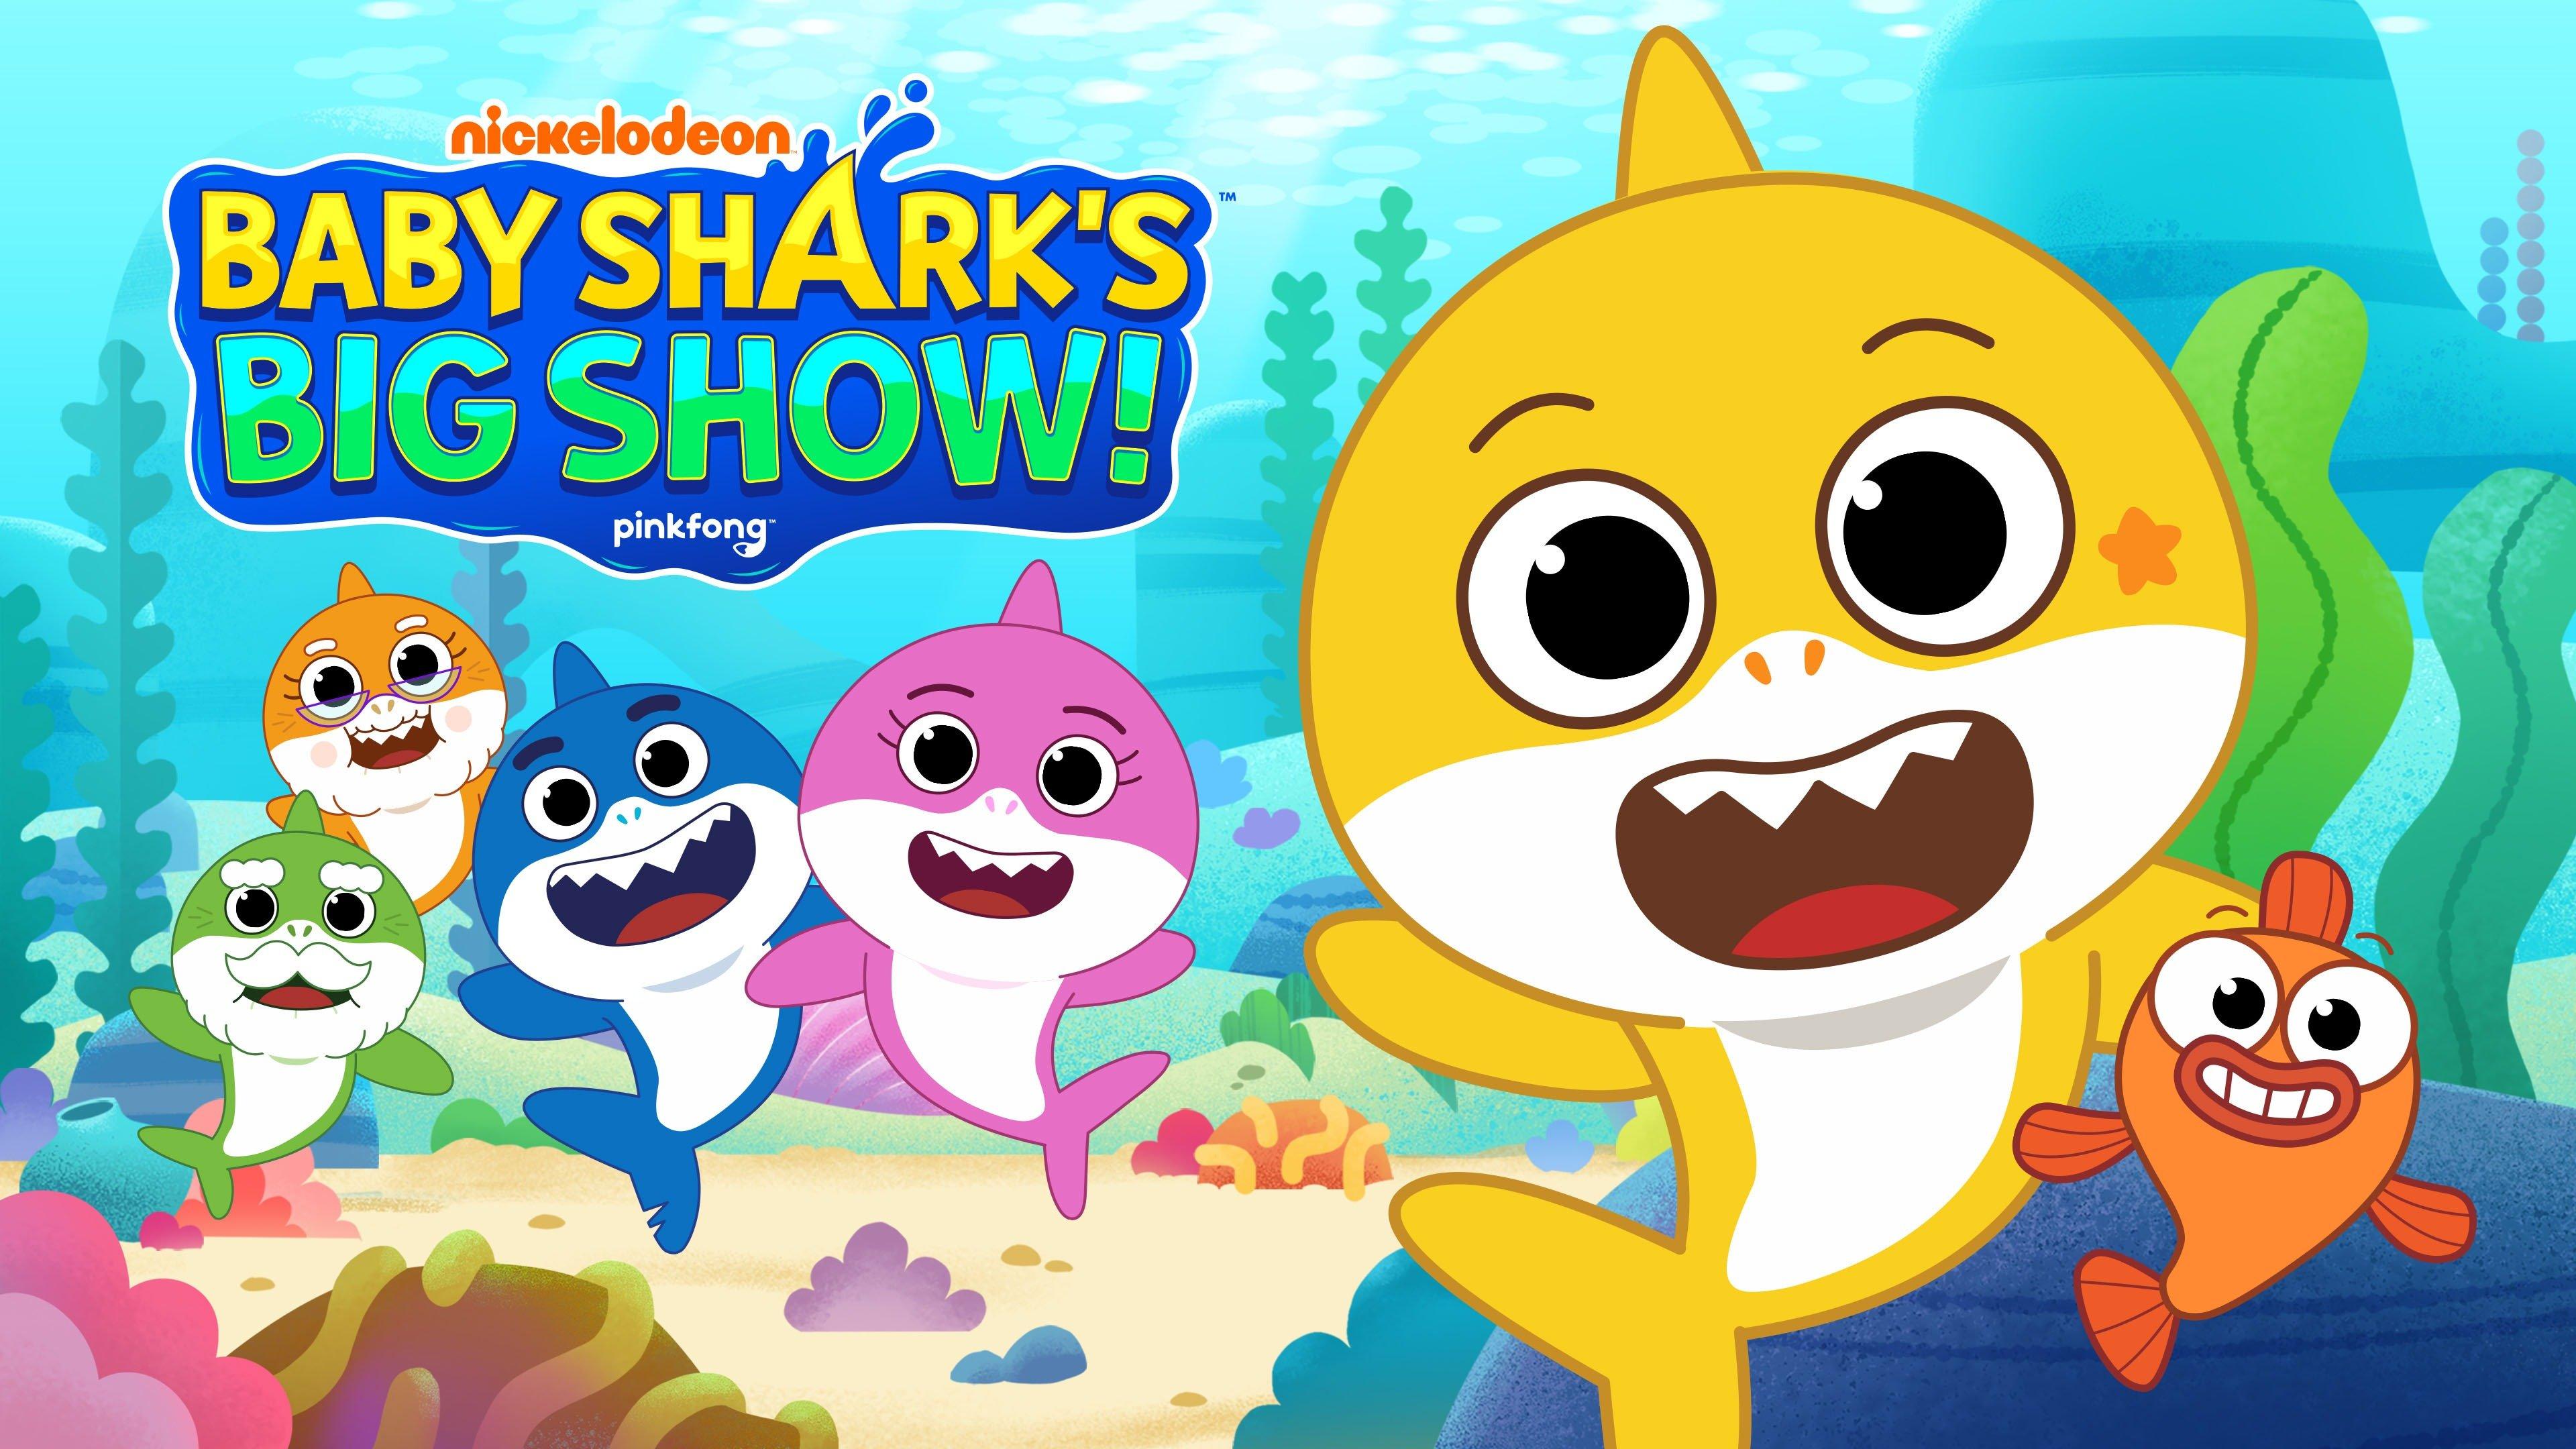 Baby Shark's Big Show! - Nickelodeon